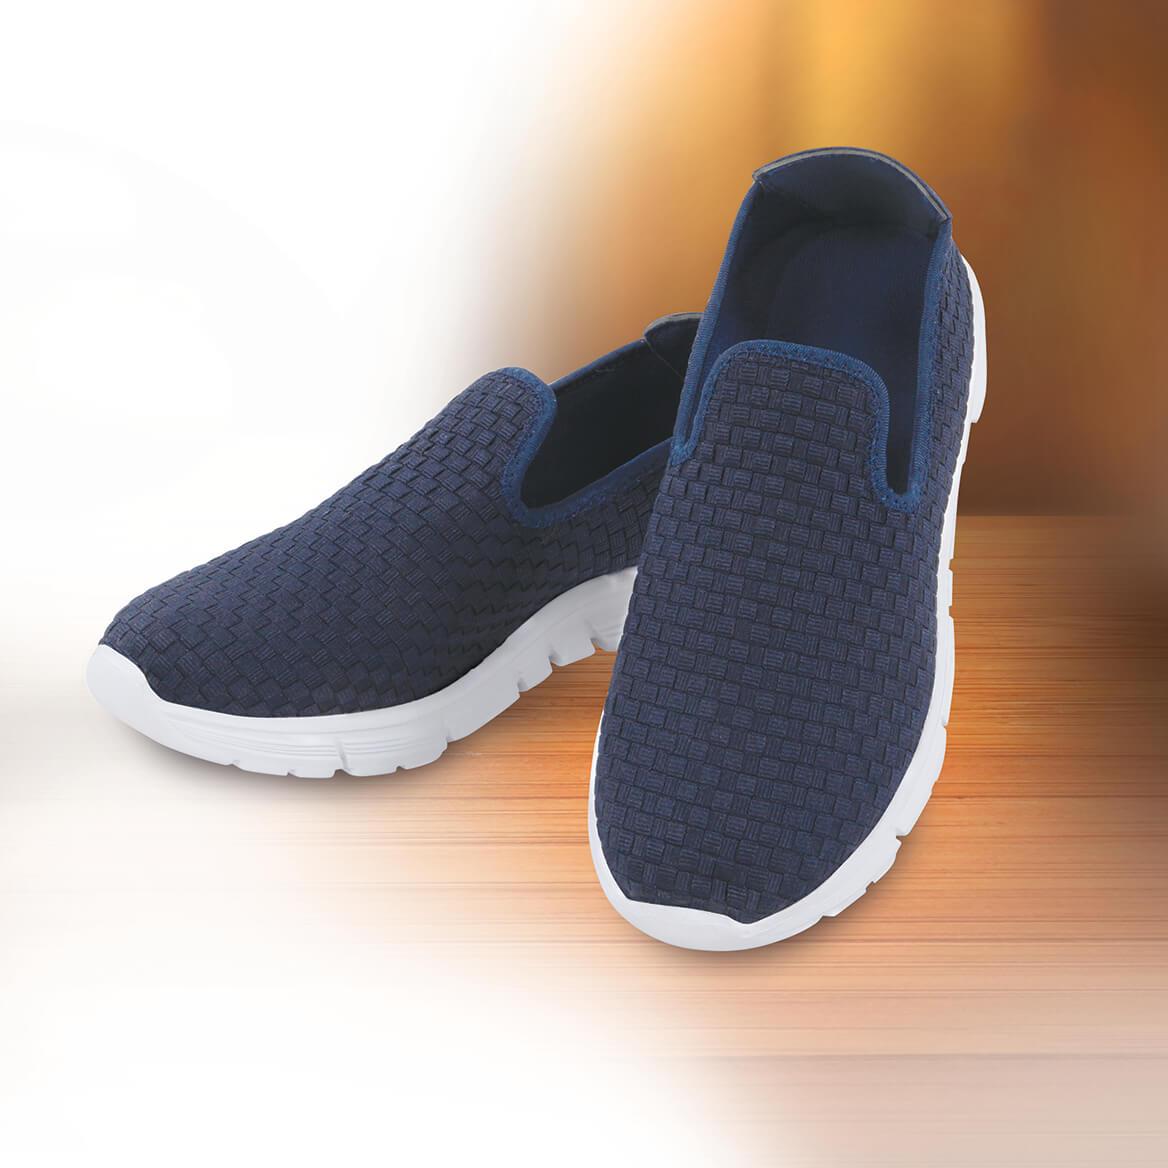 Woven Comfort Sneakers Mens-369924